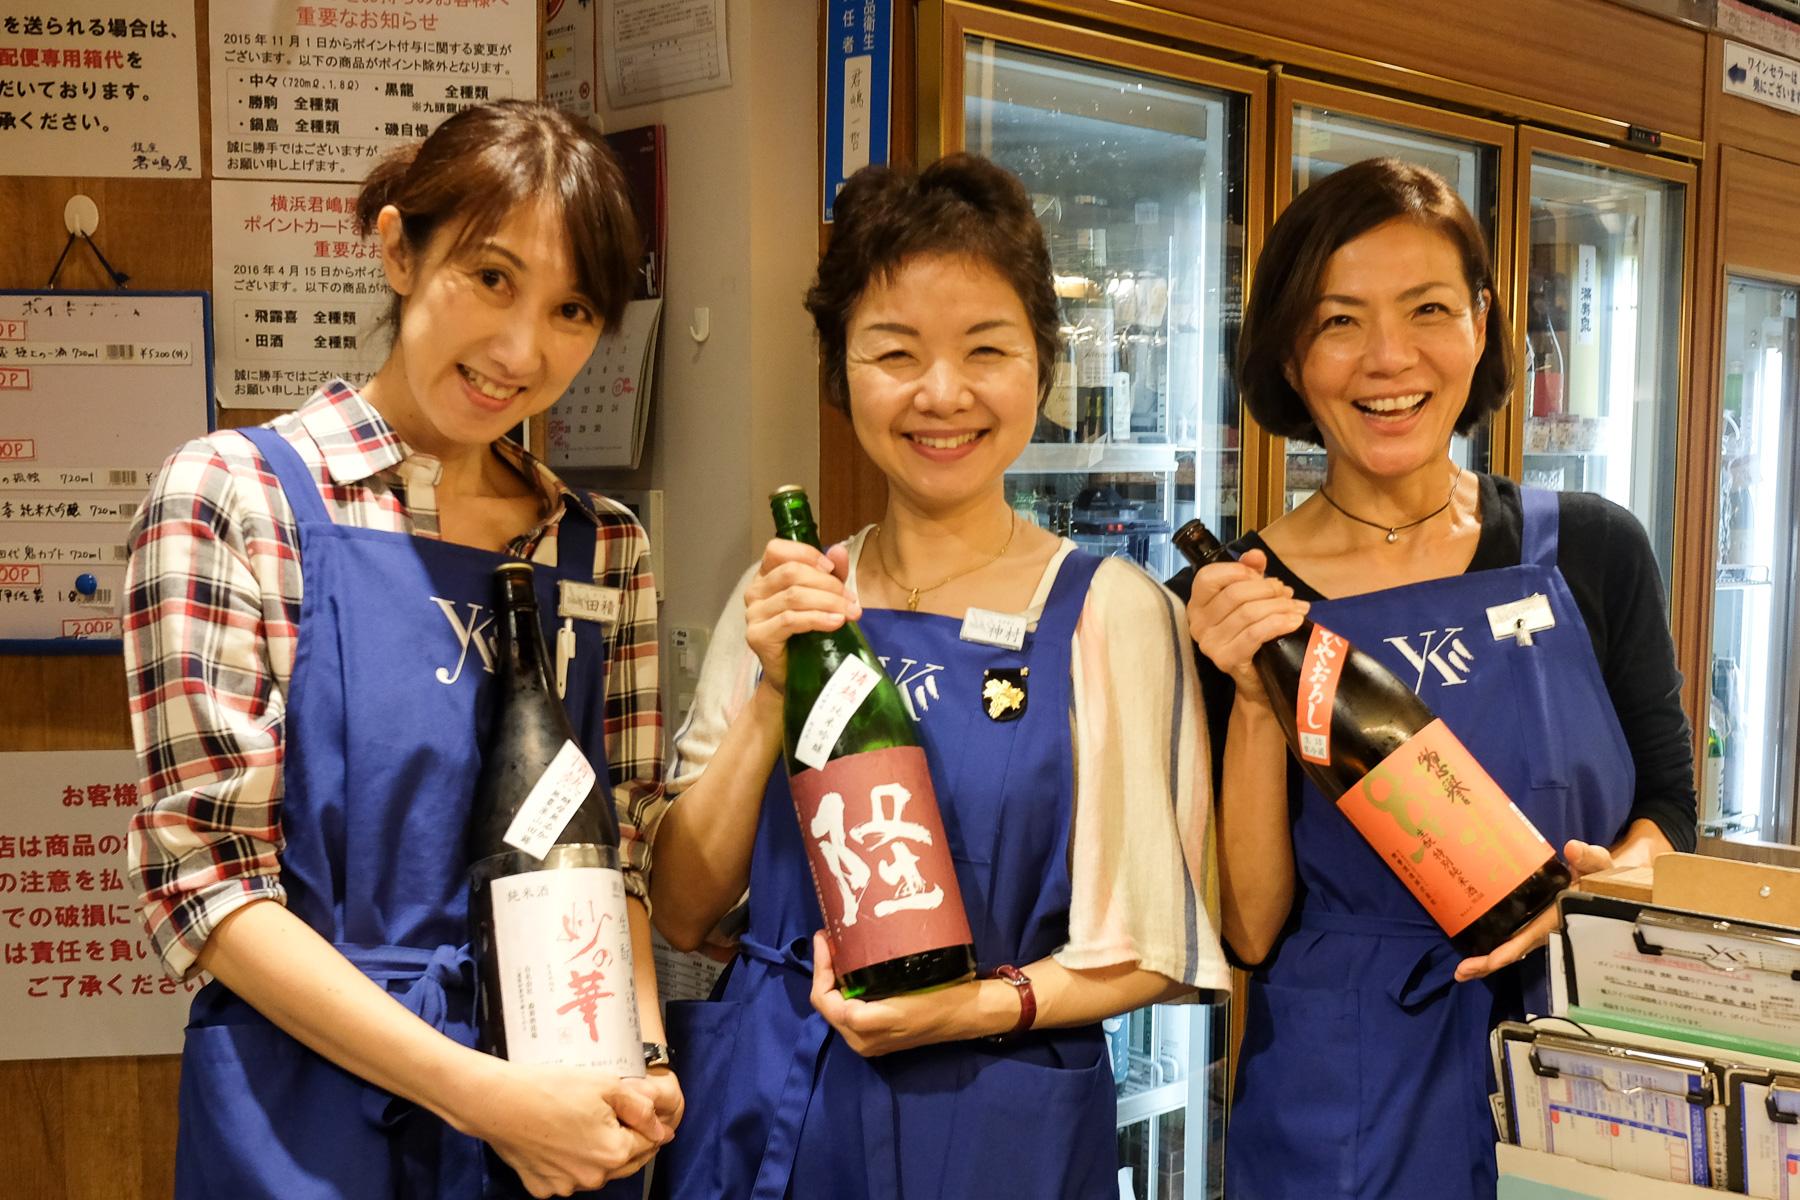 Die Verkäuferinnen in dem Sake-Laden.